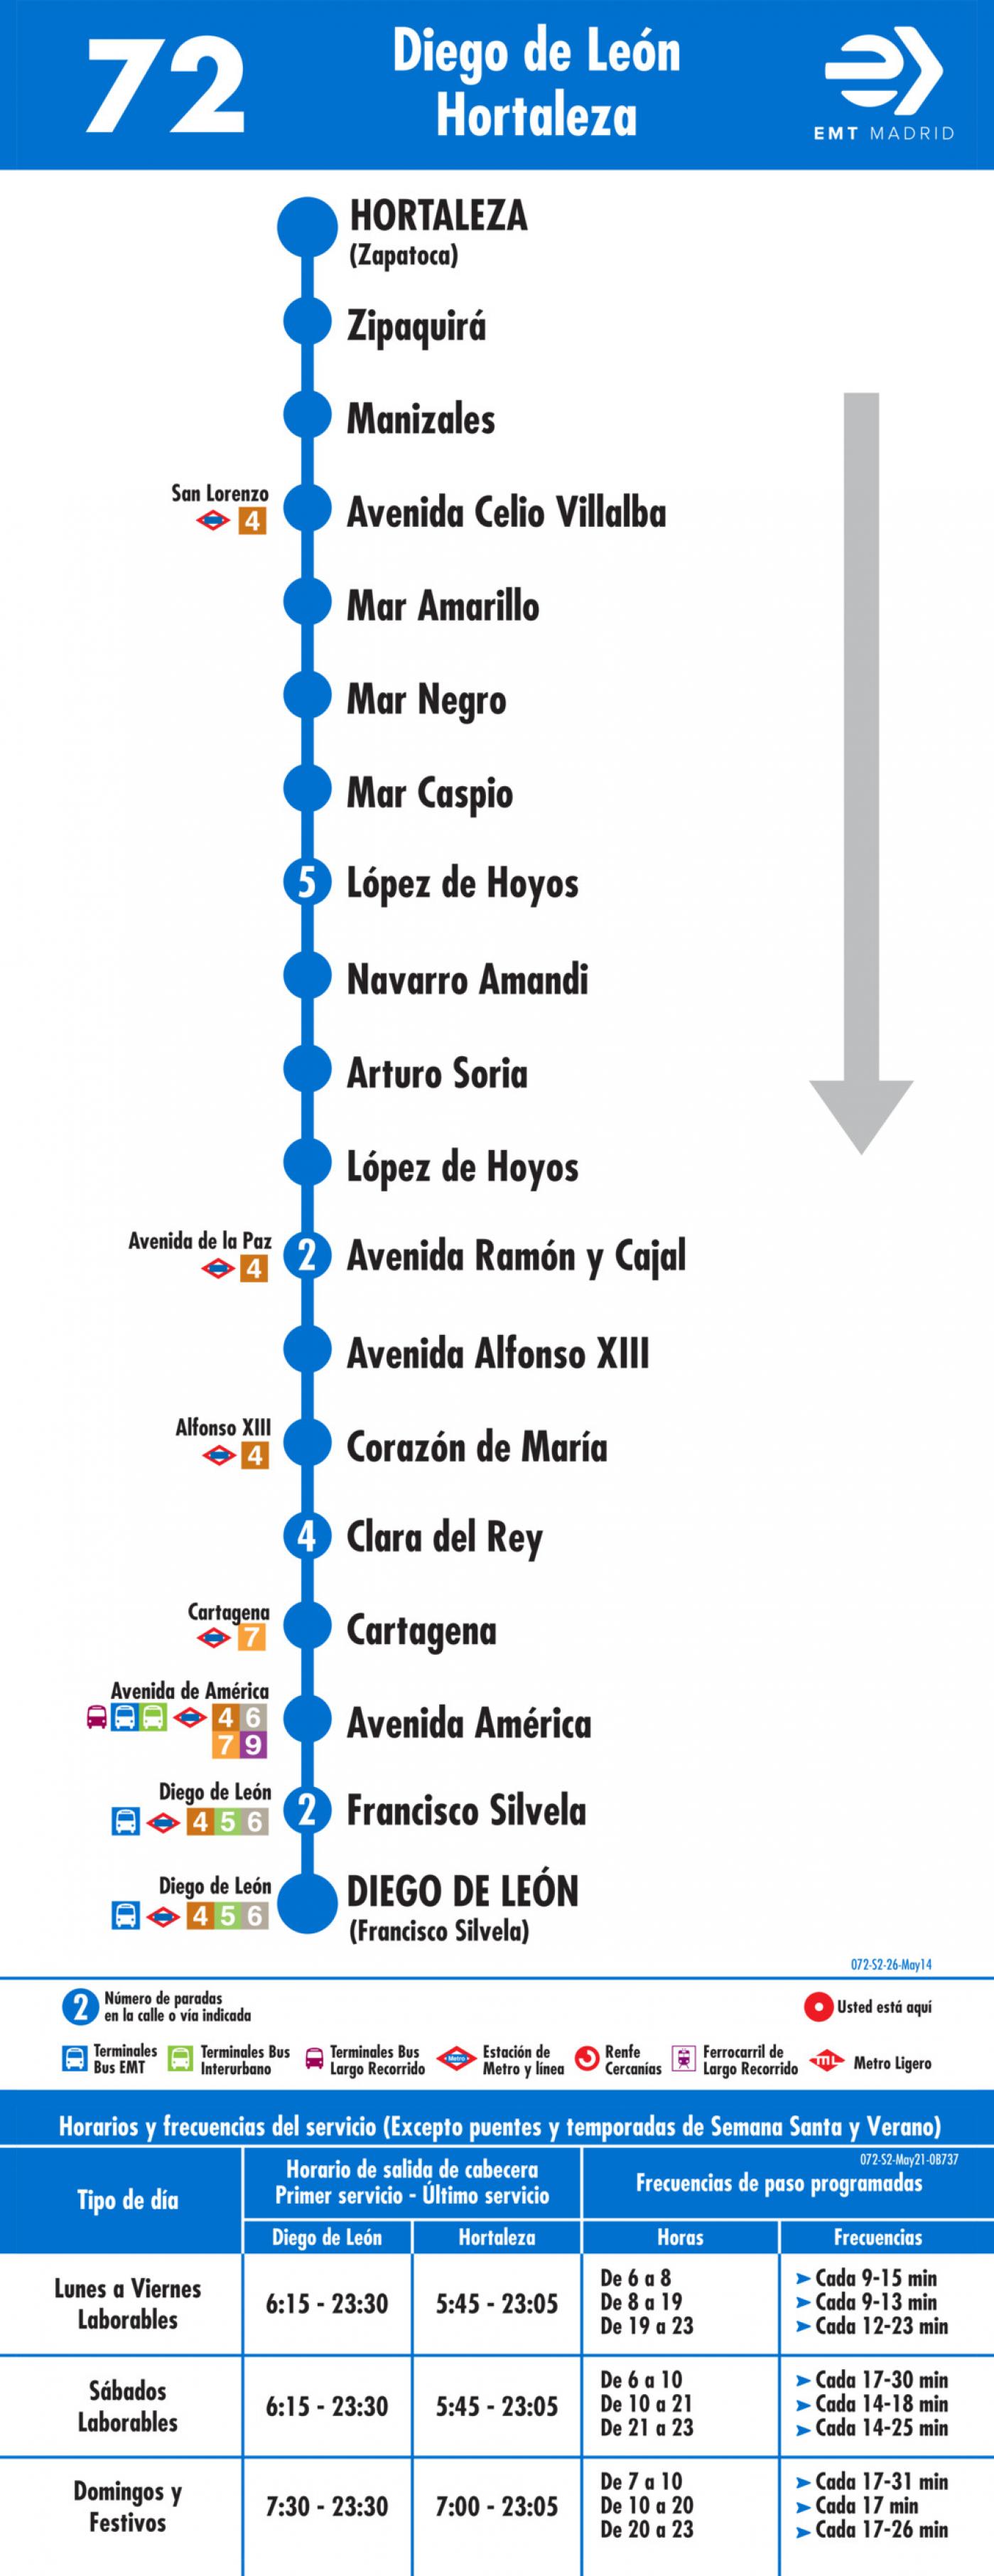 Tabla de horarios y frecuencias de paso en sentido vuelta Línea 72: Diego de León-Hortaleza